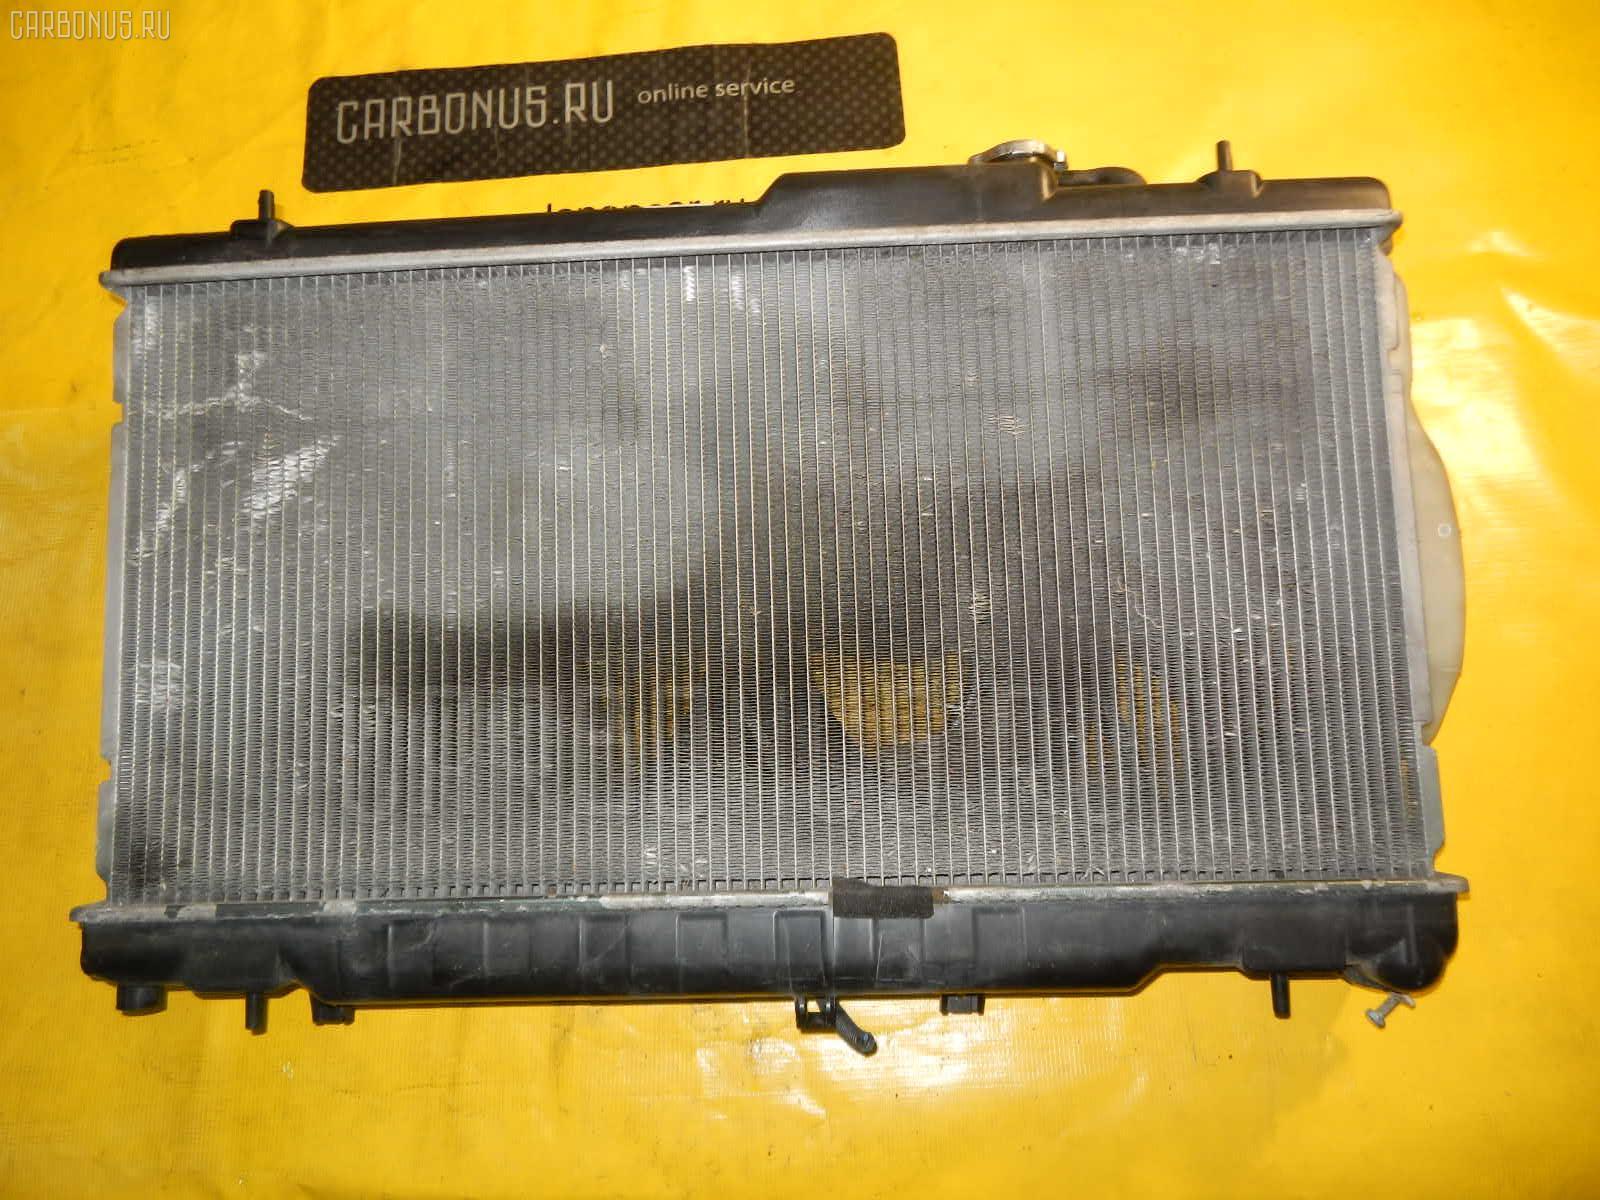 Радиатор ДВС SUBARU LEGACY LANCASTER BH9 EJ25 Фото 1